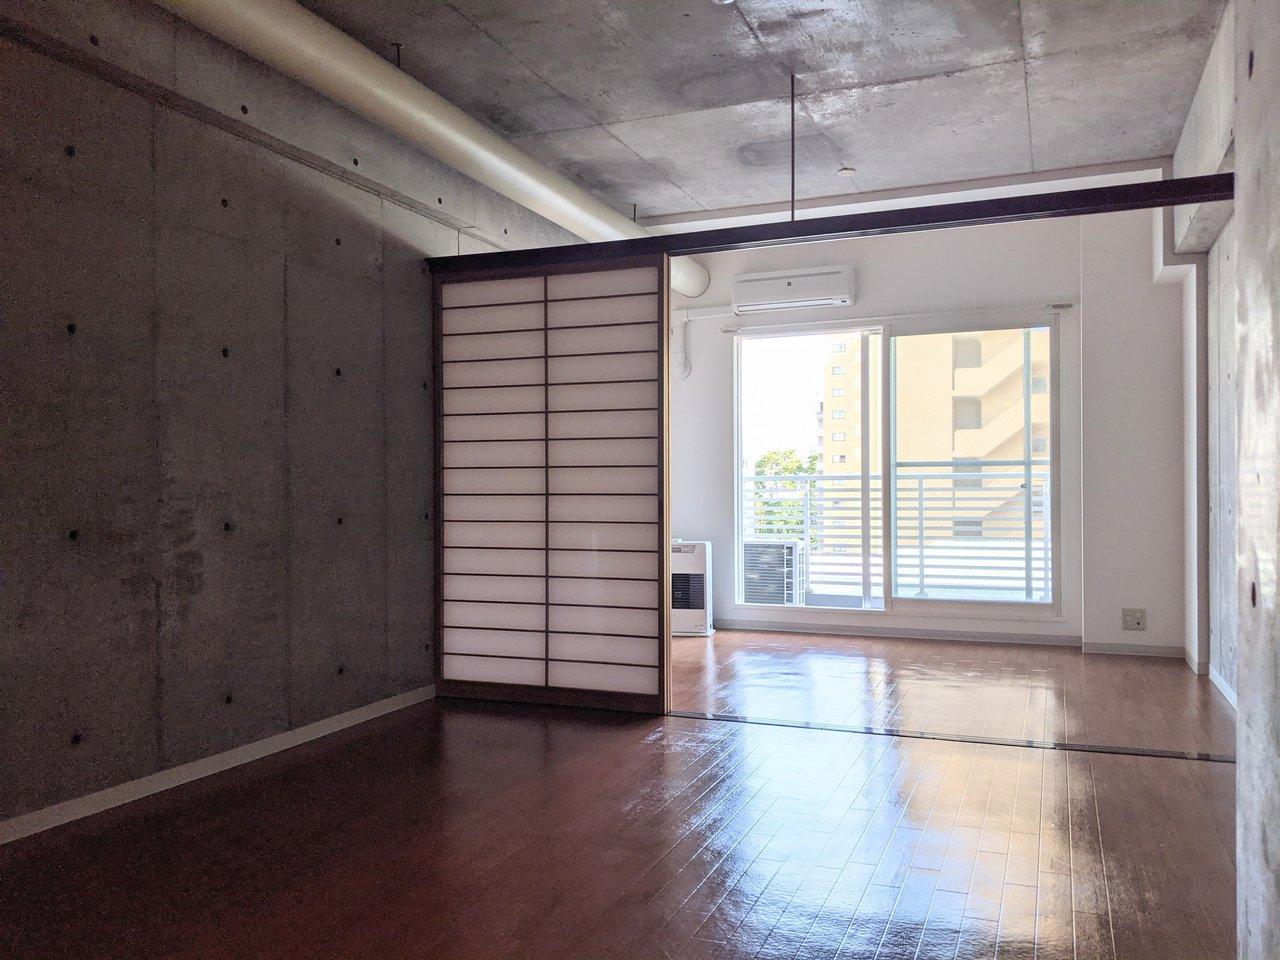 縦に二部屋連なる、1LDKのお部屋。コンクリの壁、むき出しの配管など、クールな要素が多くつめこまれています。